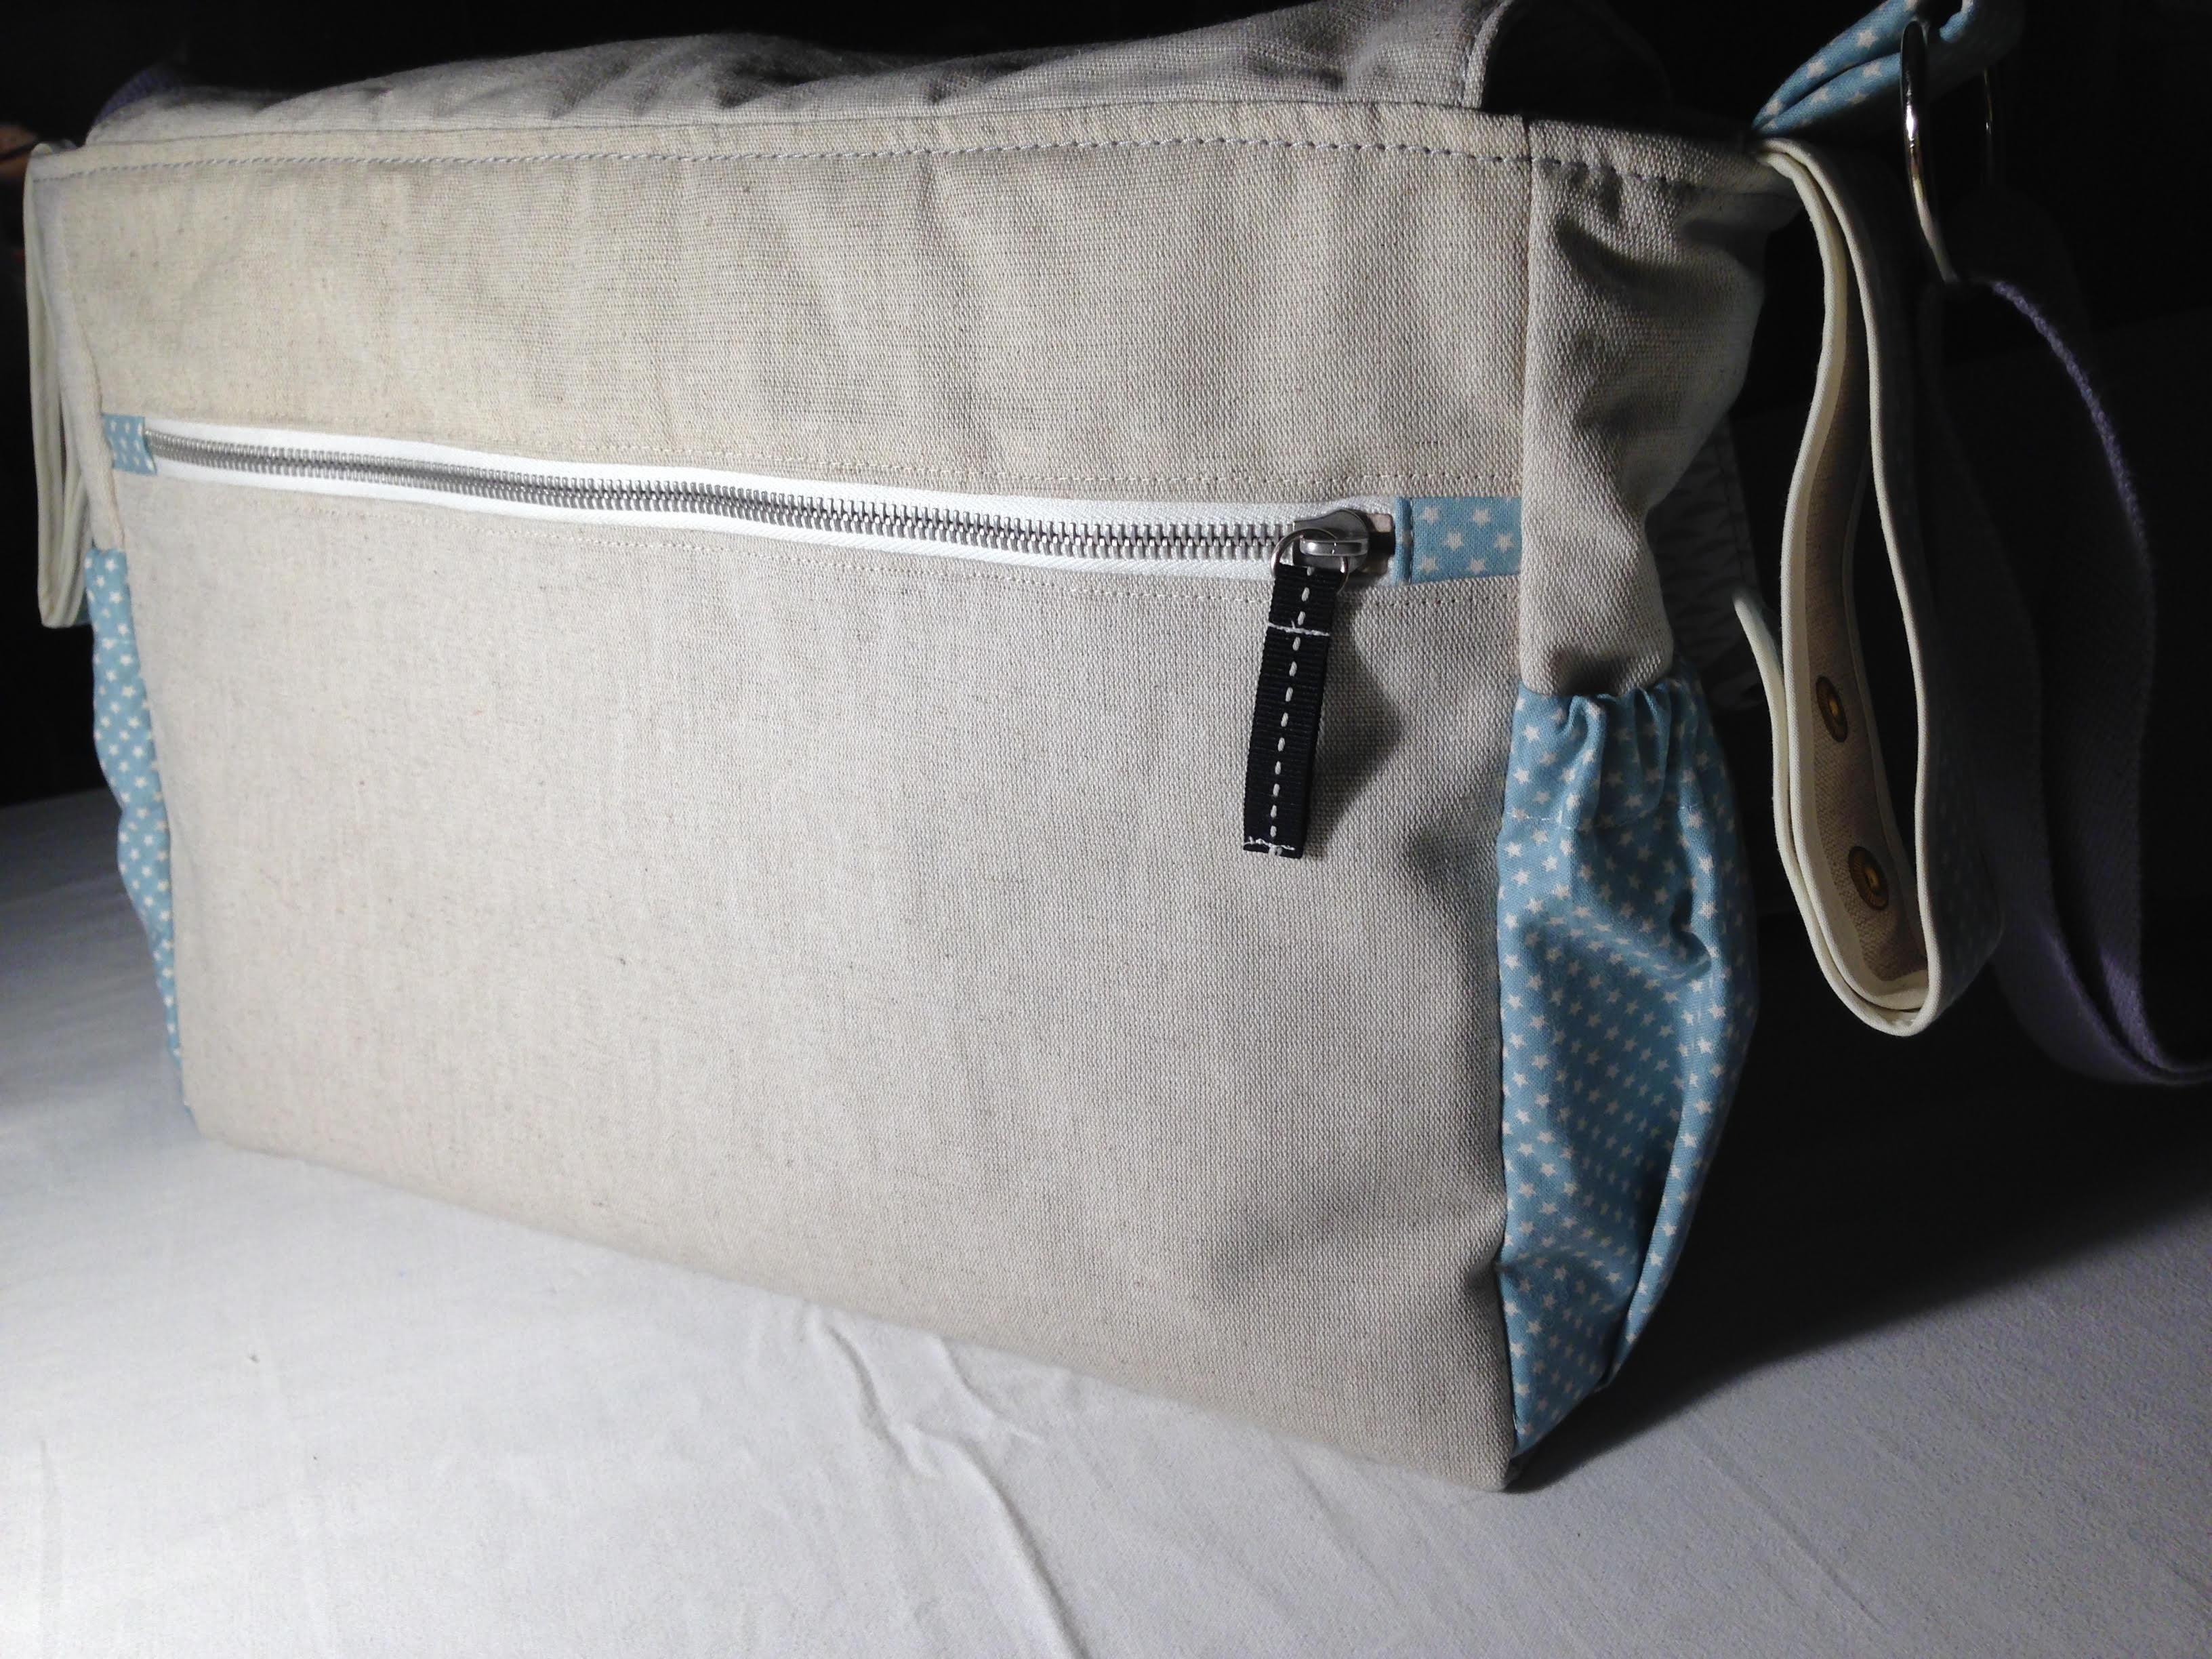 Fermeture éclair au dos du sac